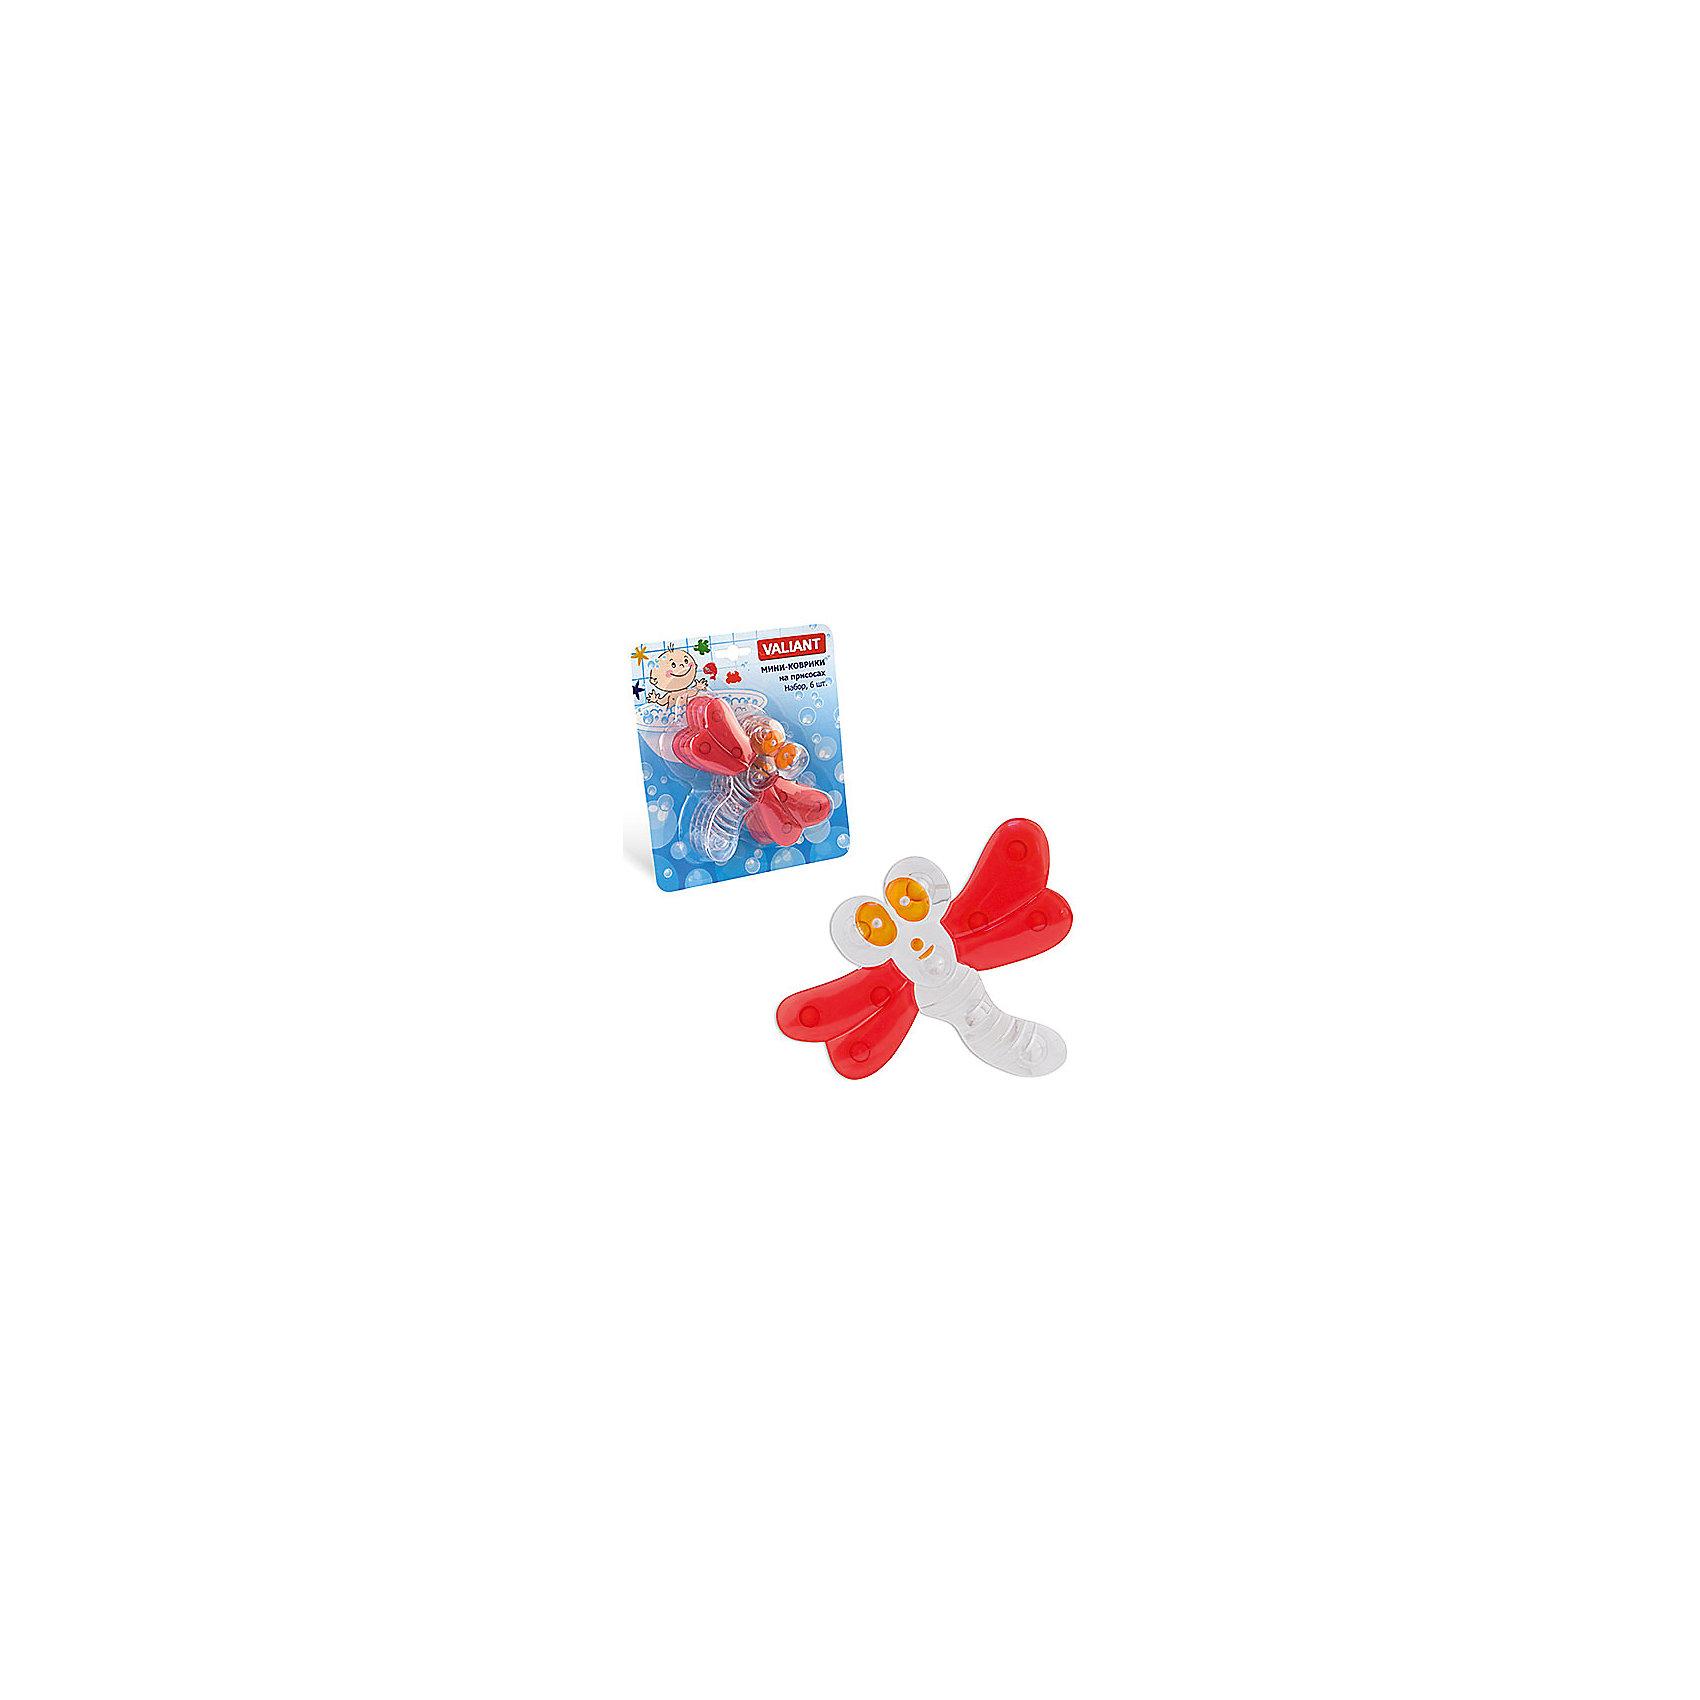 Набор ковриков Стрекоза на присосках (6 шт)Мини-коврики для ванной комнаты - это яркое дополнение к купанию малыша. Это и игра и развитие моторики и изучение зверушек. <br>Колоссальный и постоянно растущий спрос на них обусловлен реакцией малышей и их мам на данное изобретение по всему миру.<br>Мини-коврики снабжены присосками и превосходно клеятся на влажный кафель.<br><br>Ширина мм: 140<br>Глубина мм: 110<br>Высота мм: 50<br>Вес г: 172<br>Возраст от месяцев: -2147483648<br>Возраст до месяцев: 2147483647<br>Пол: Унисекс<br>Возраст: Детский<br>SKU: 4563314